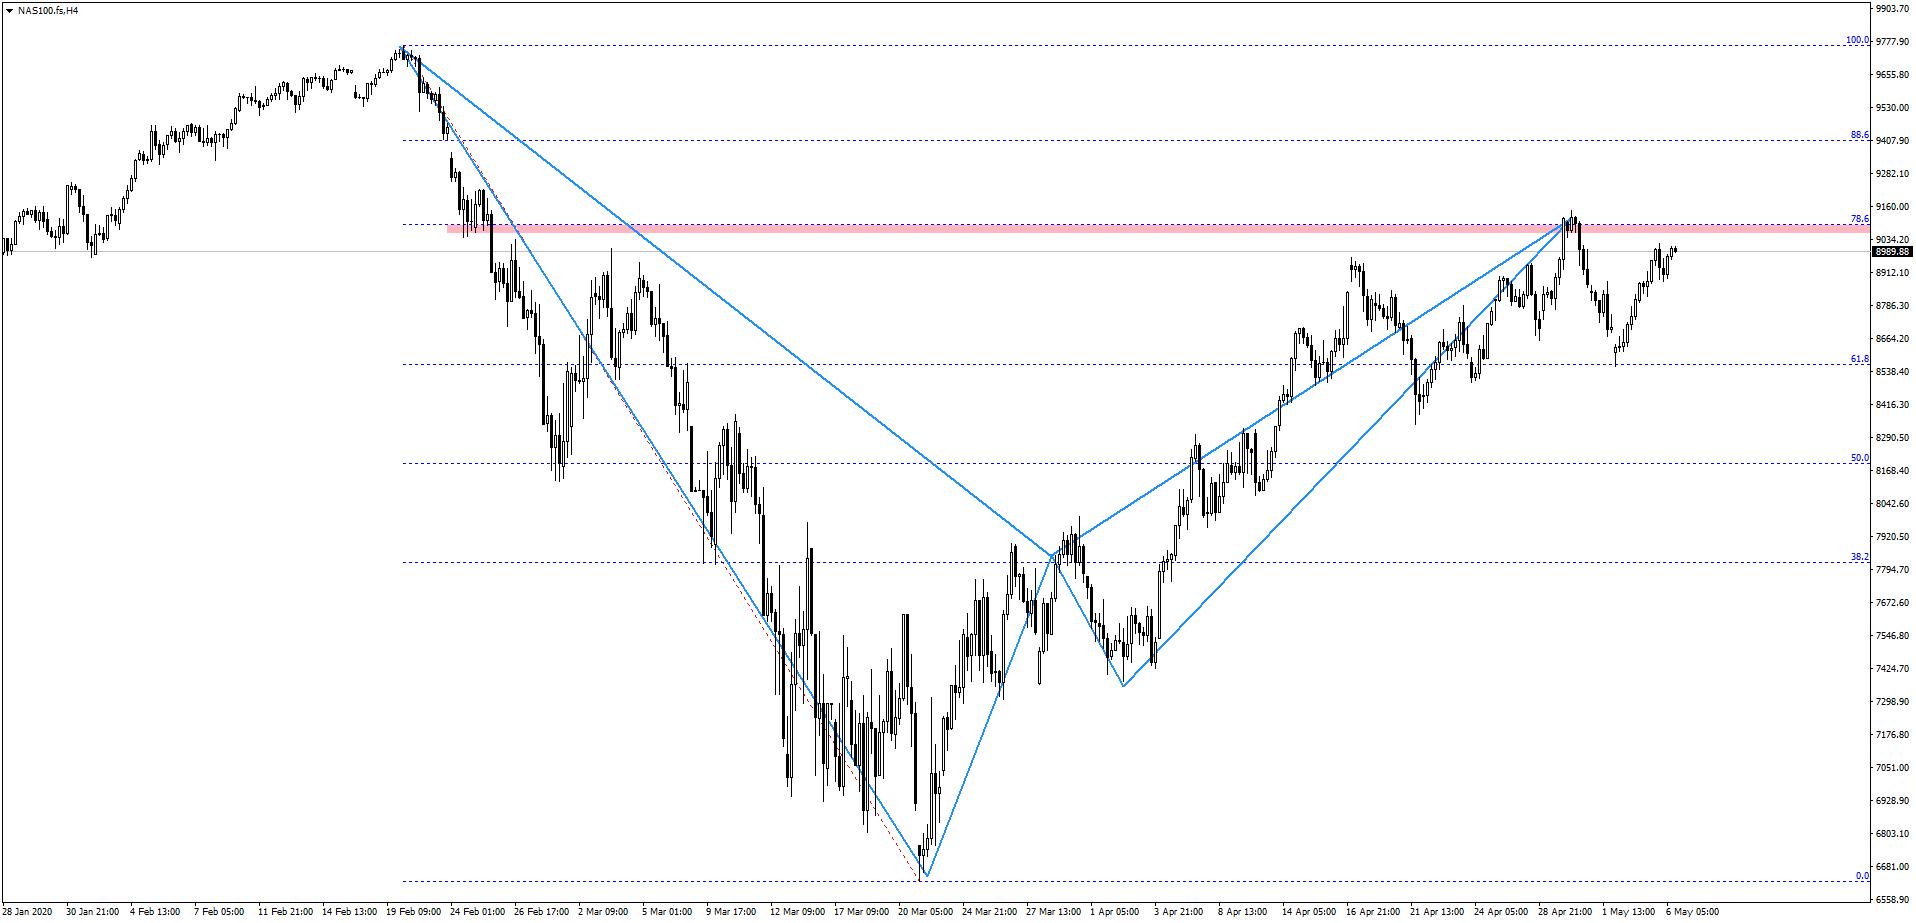 Pozytywny tydzień na indeksach giełdowych   NASDAQ coraz bliżej strefy oporu